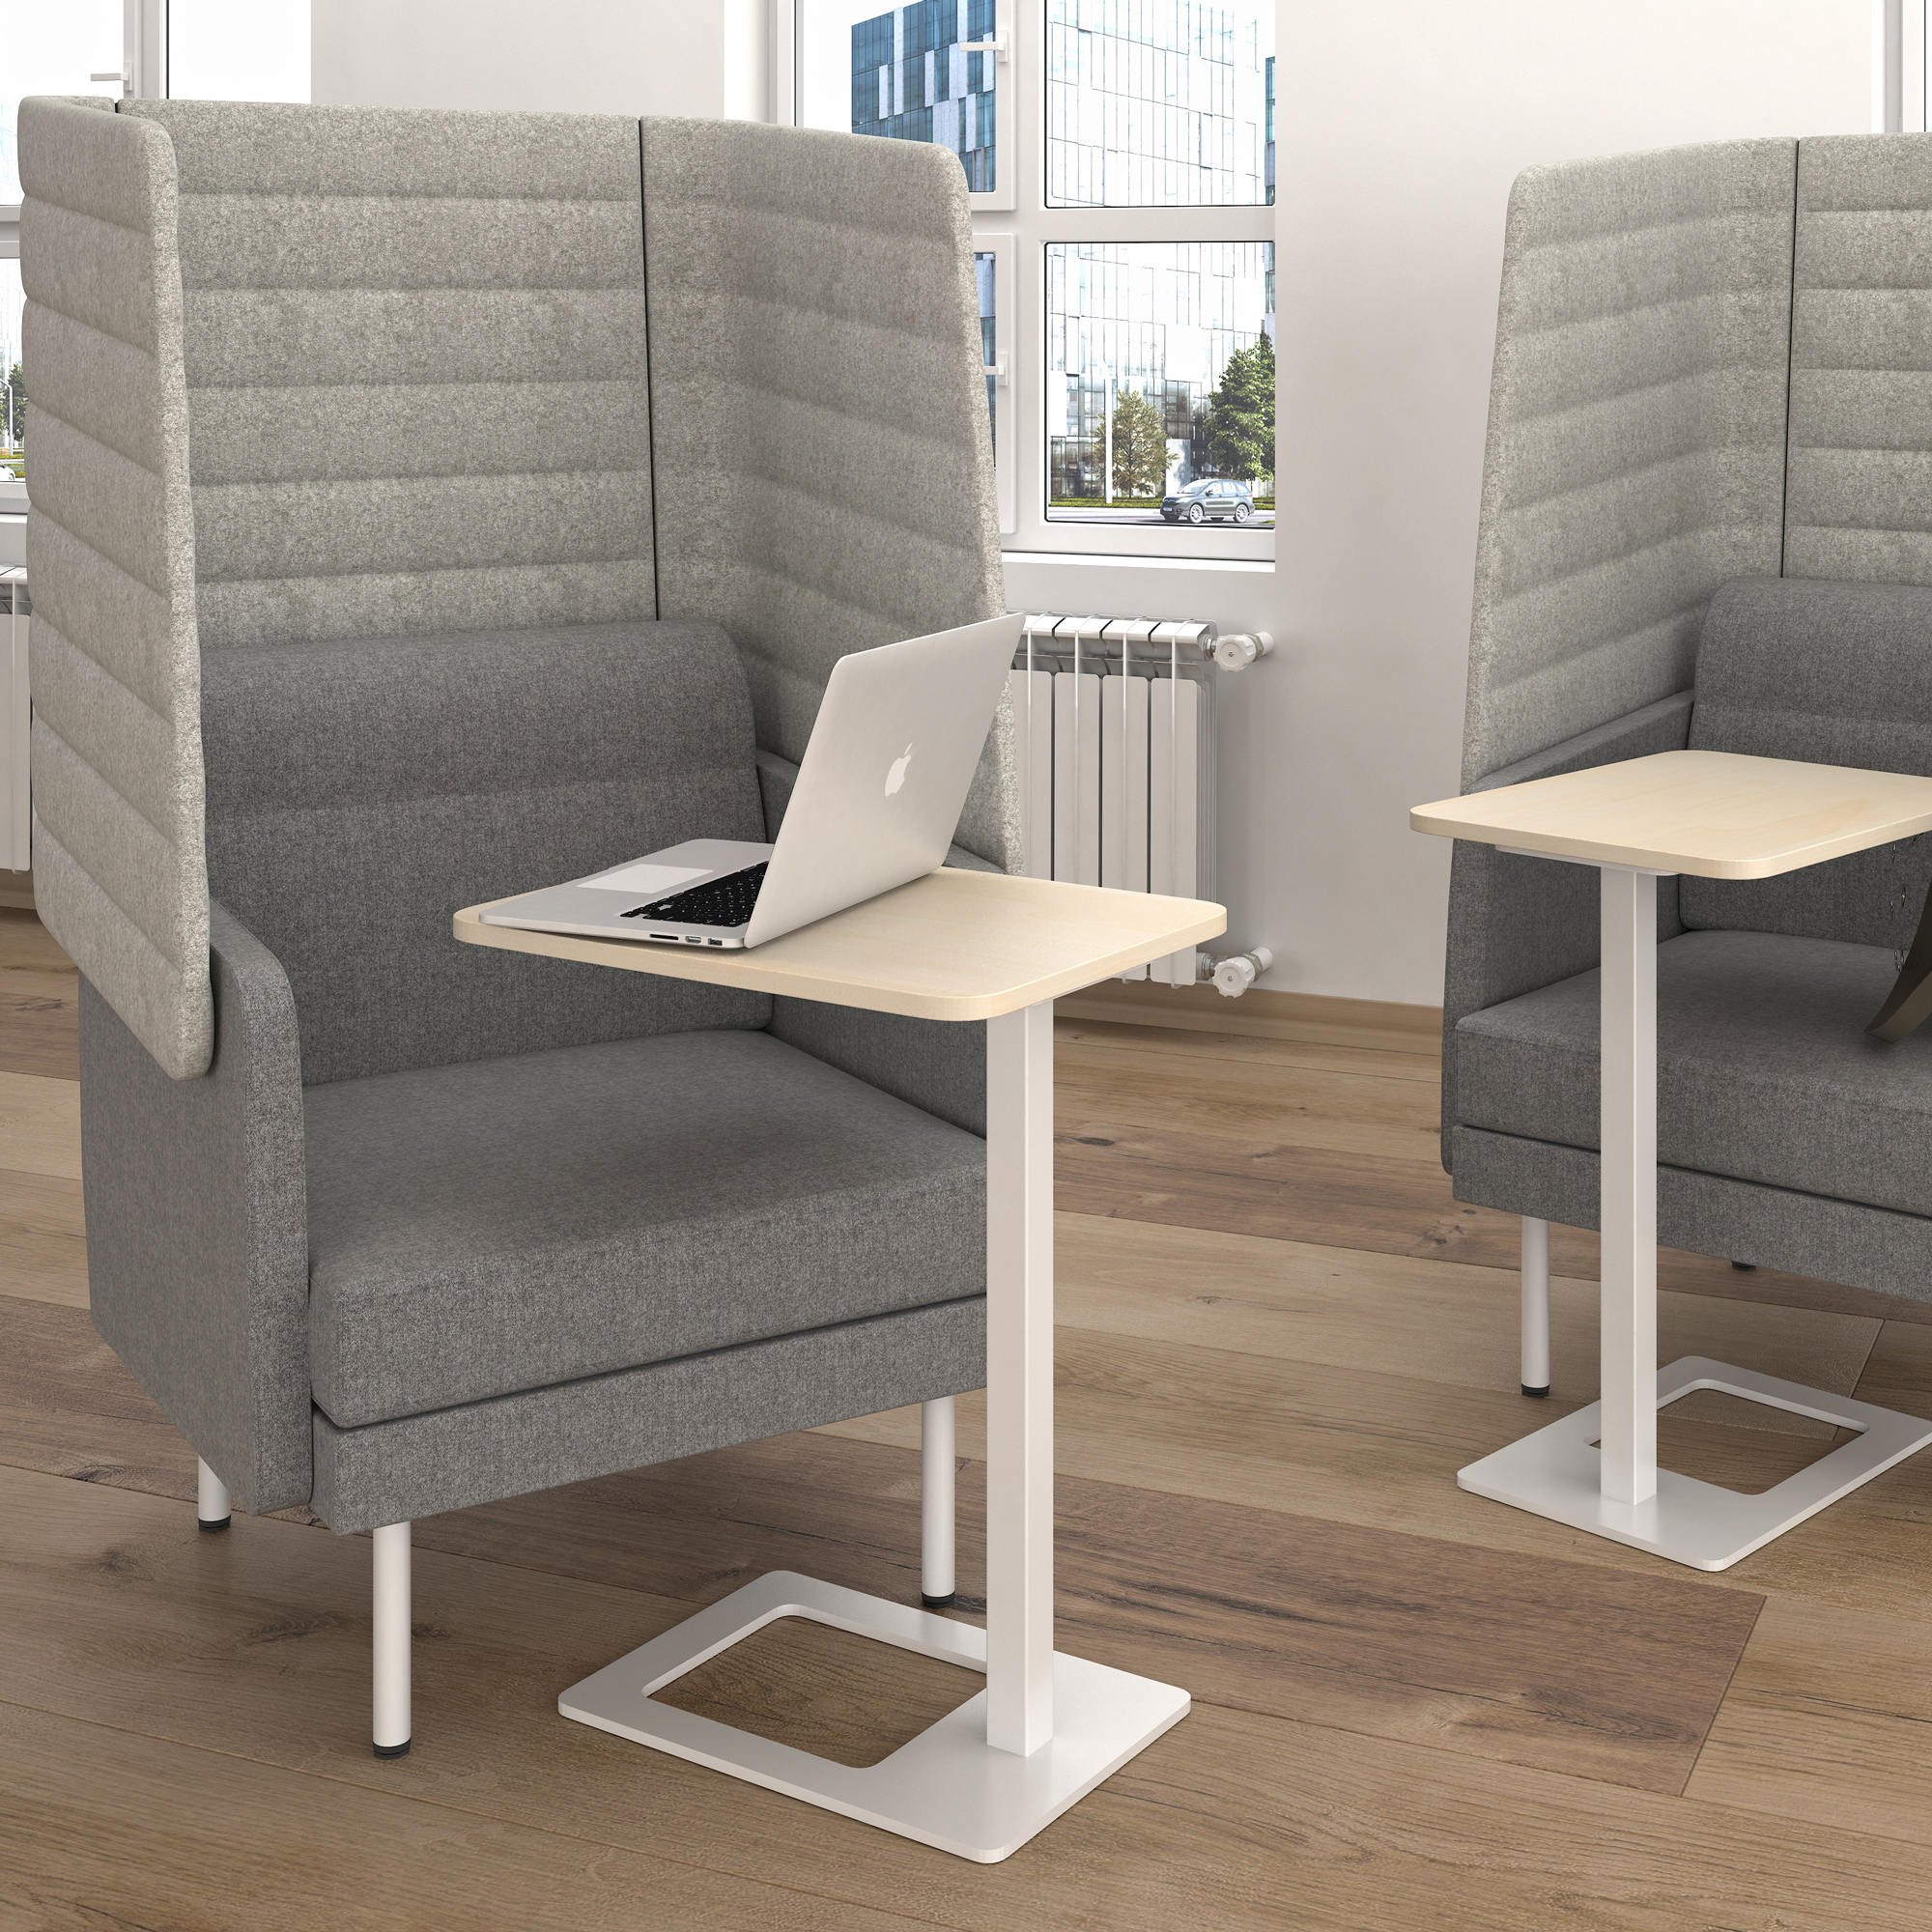 Mobiler Beistelltisch MOBI 400 x 500 mm mobiler Arbeitstisch Büro Kaffeetisch Ablagetisch